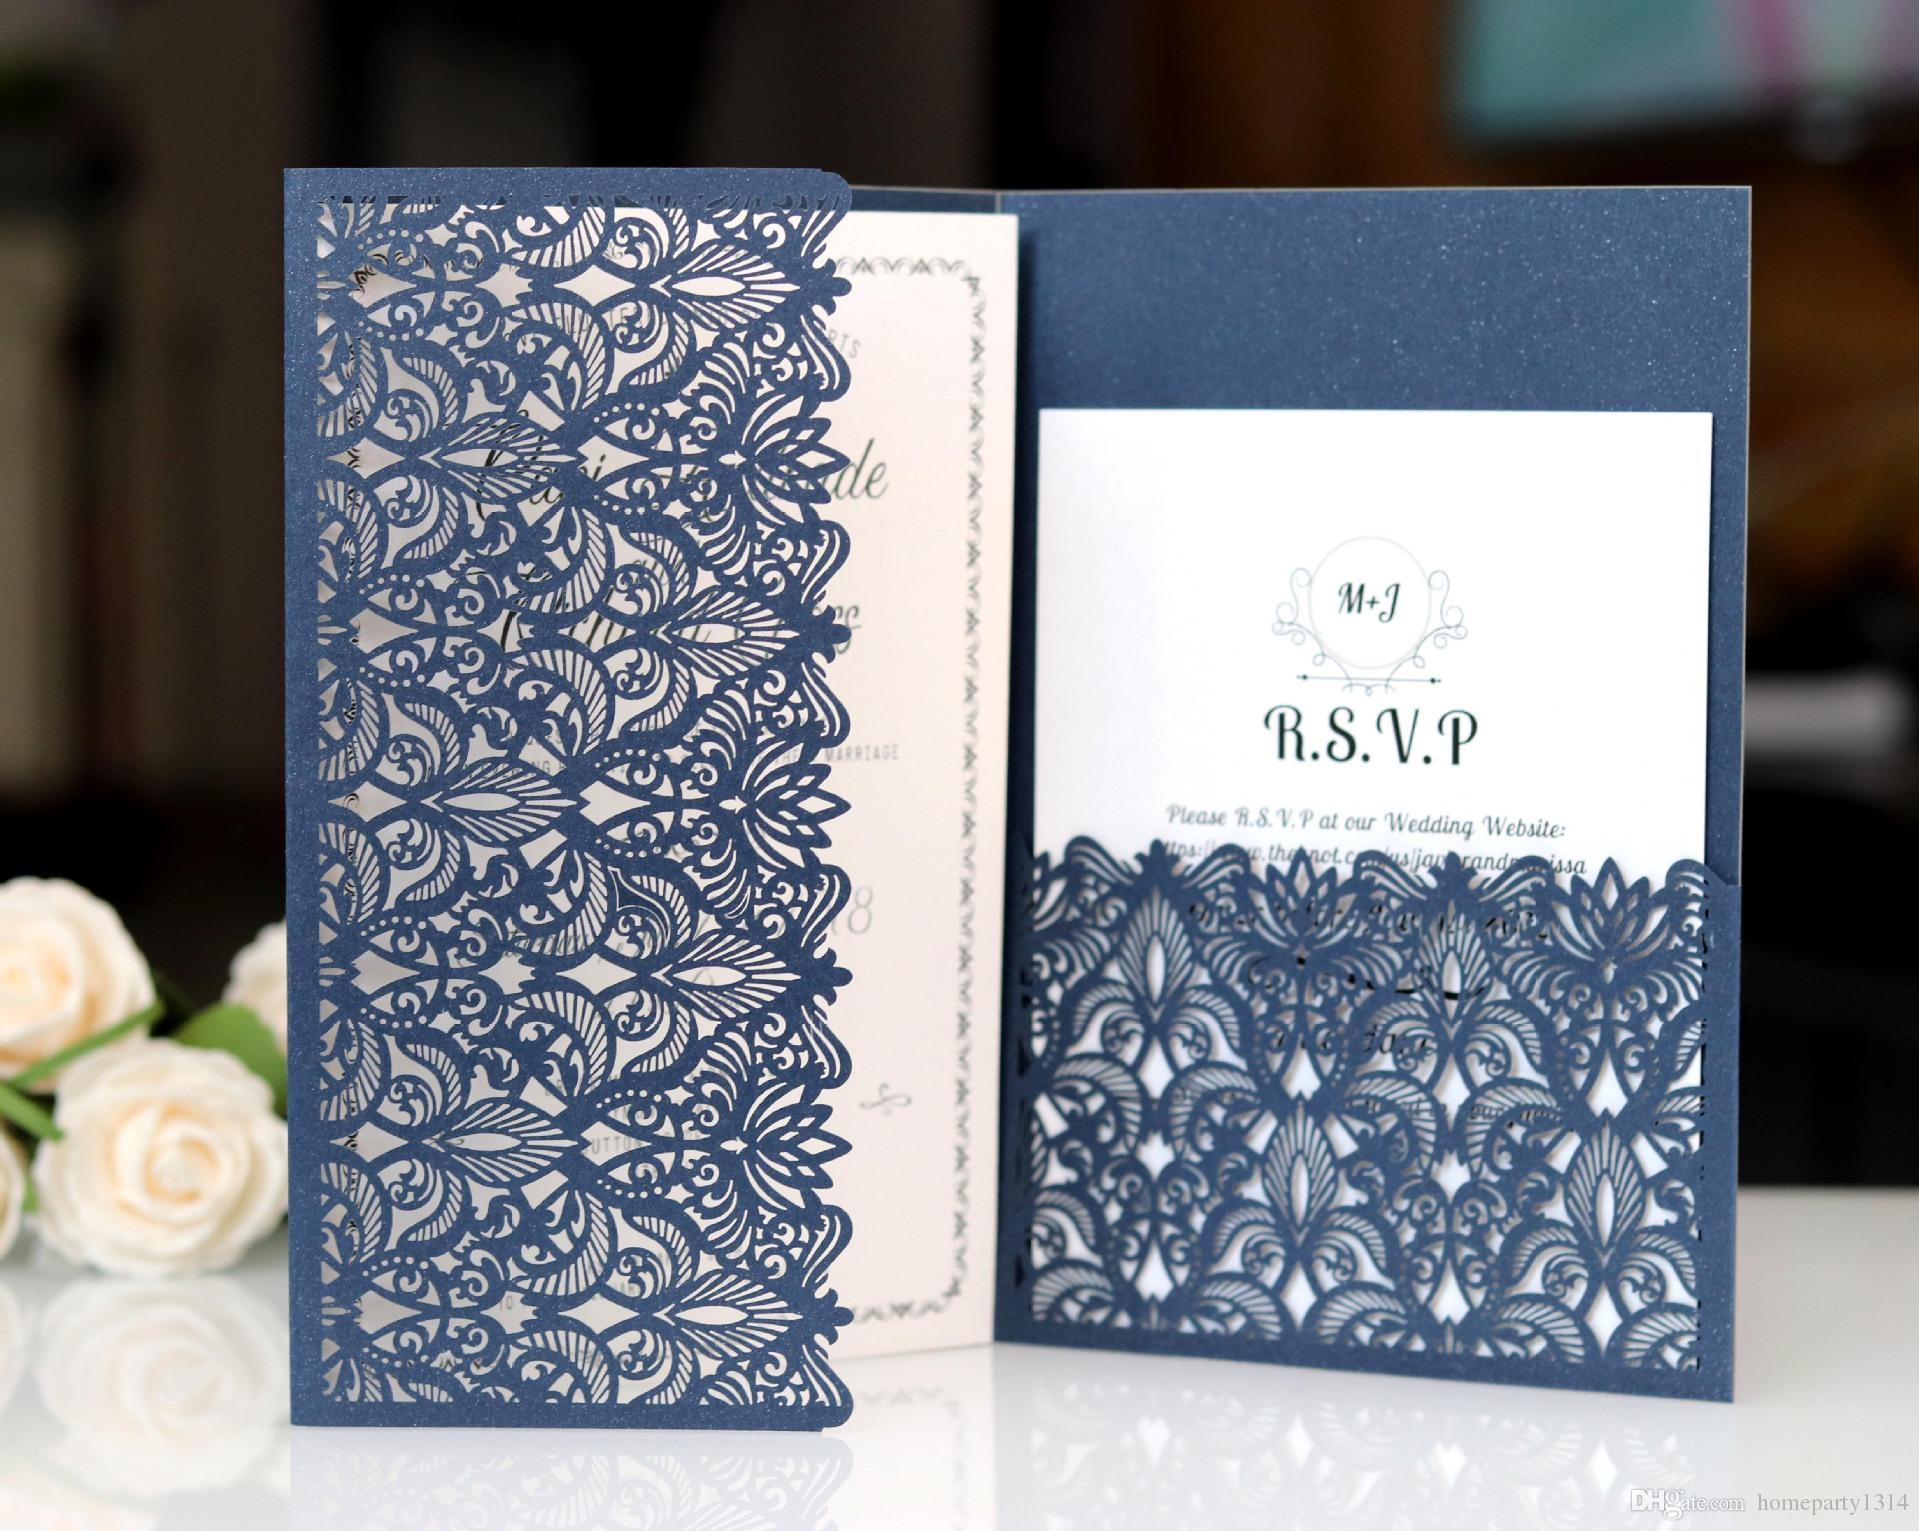 2019 ثلاثي أضعاف بطاقة دعوات الزفاف جيب مع rsvp الأعمال شكرا لك بطاقات الاجتماع المغلف فلورا ورقة الليزر قطع دعوة الحديثة